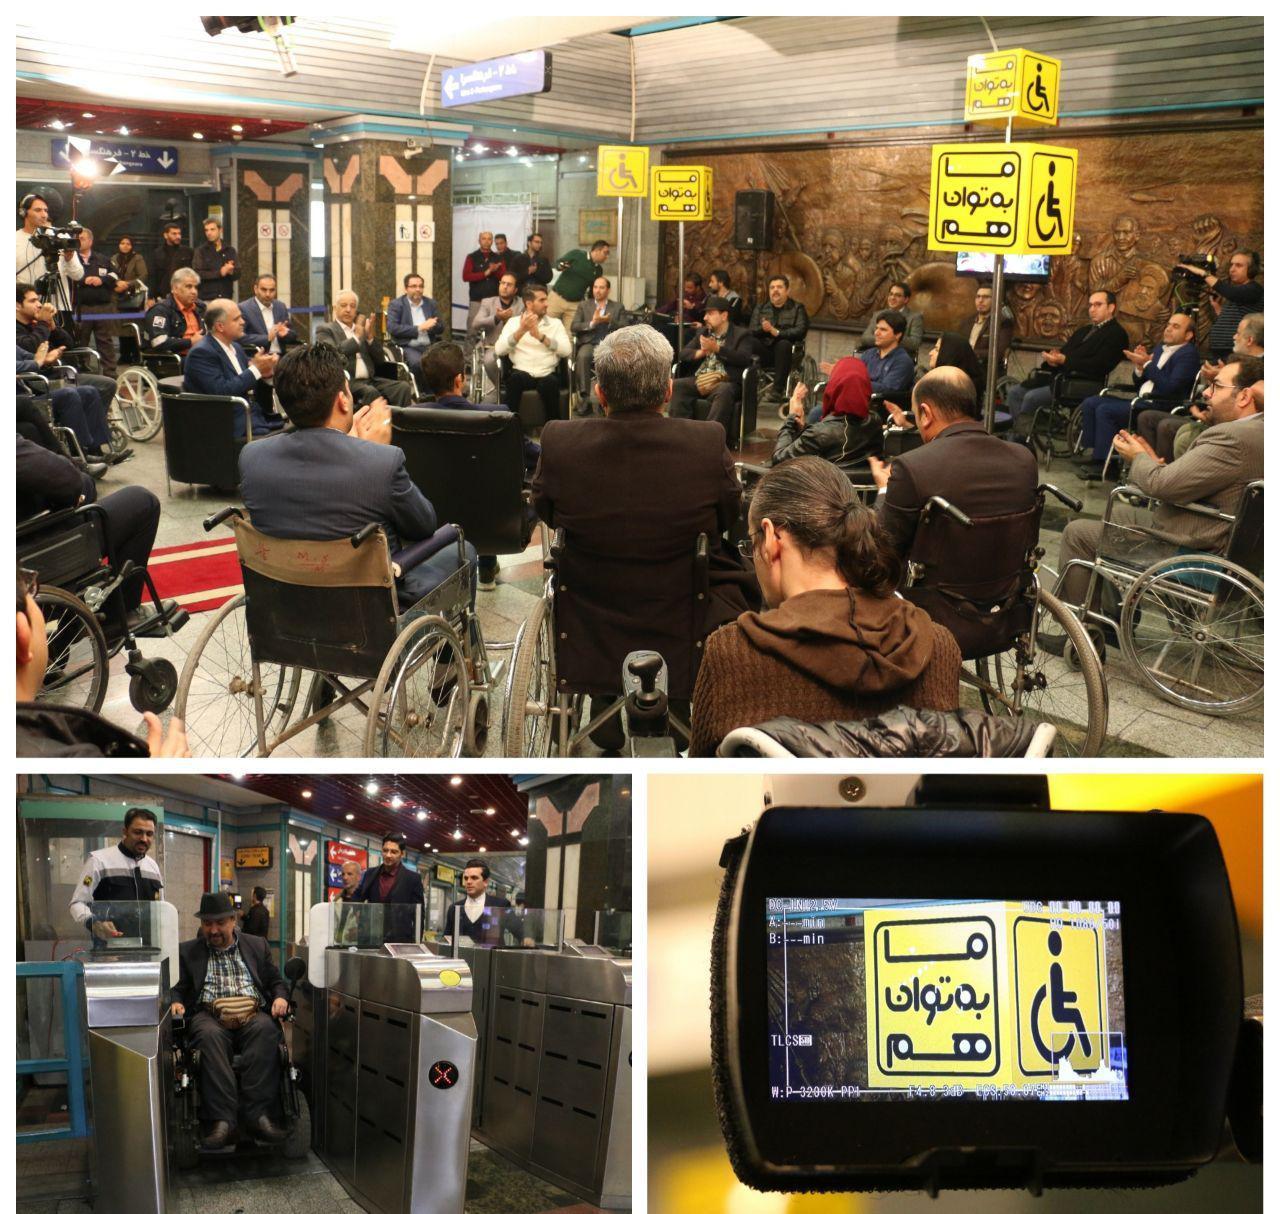 تجمع معلولین مقابل سازمان برنامه و بودجه و مجلس